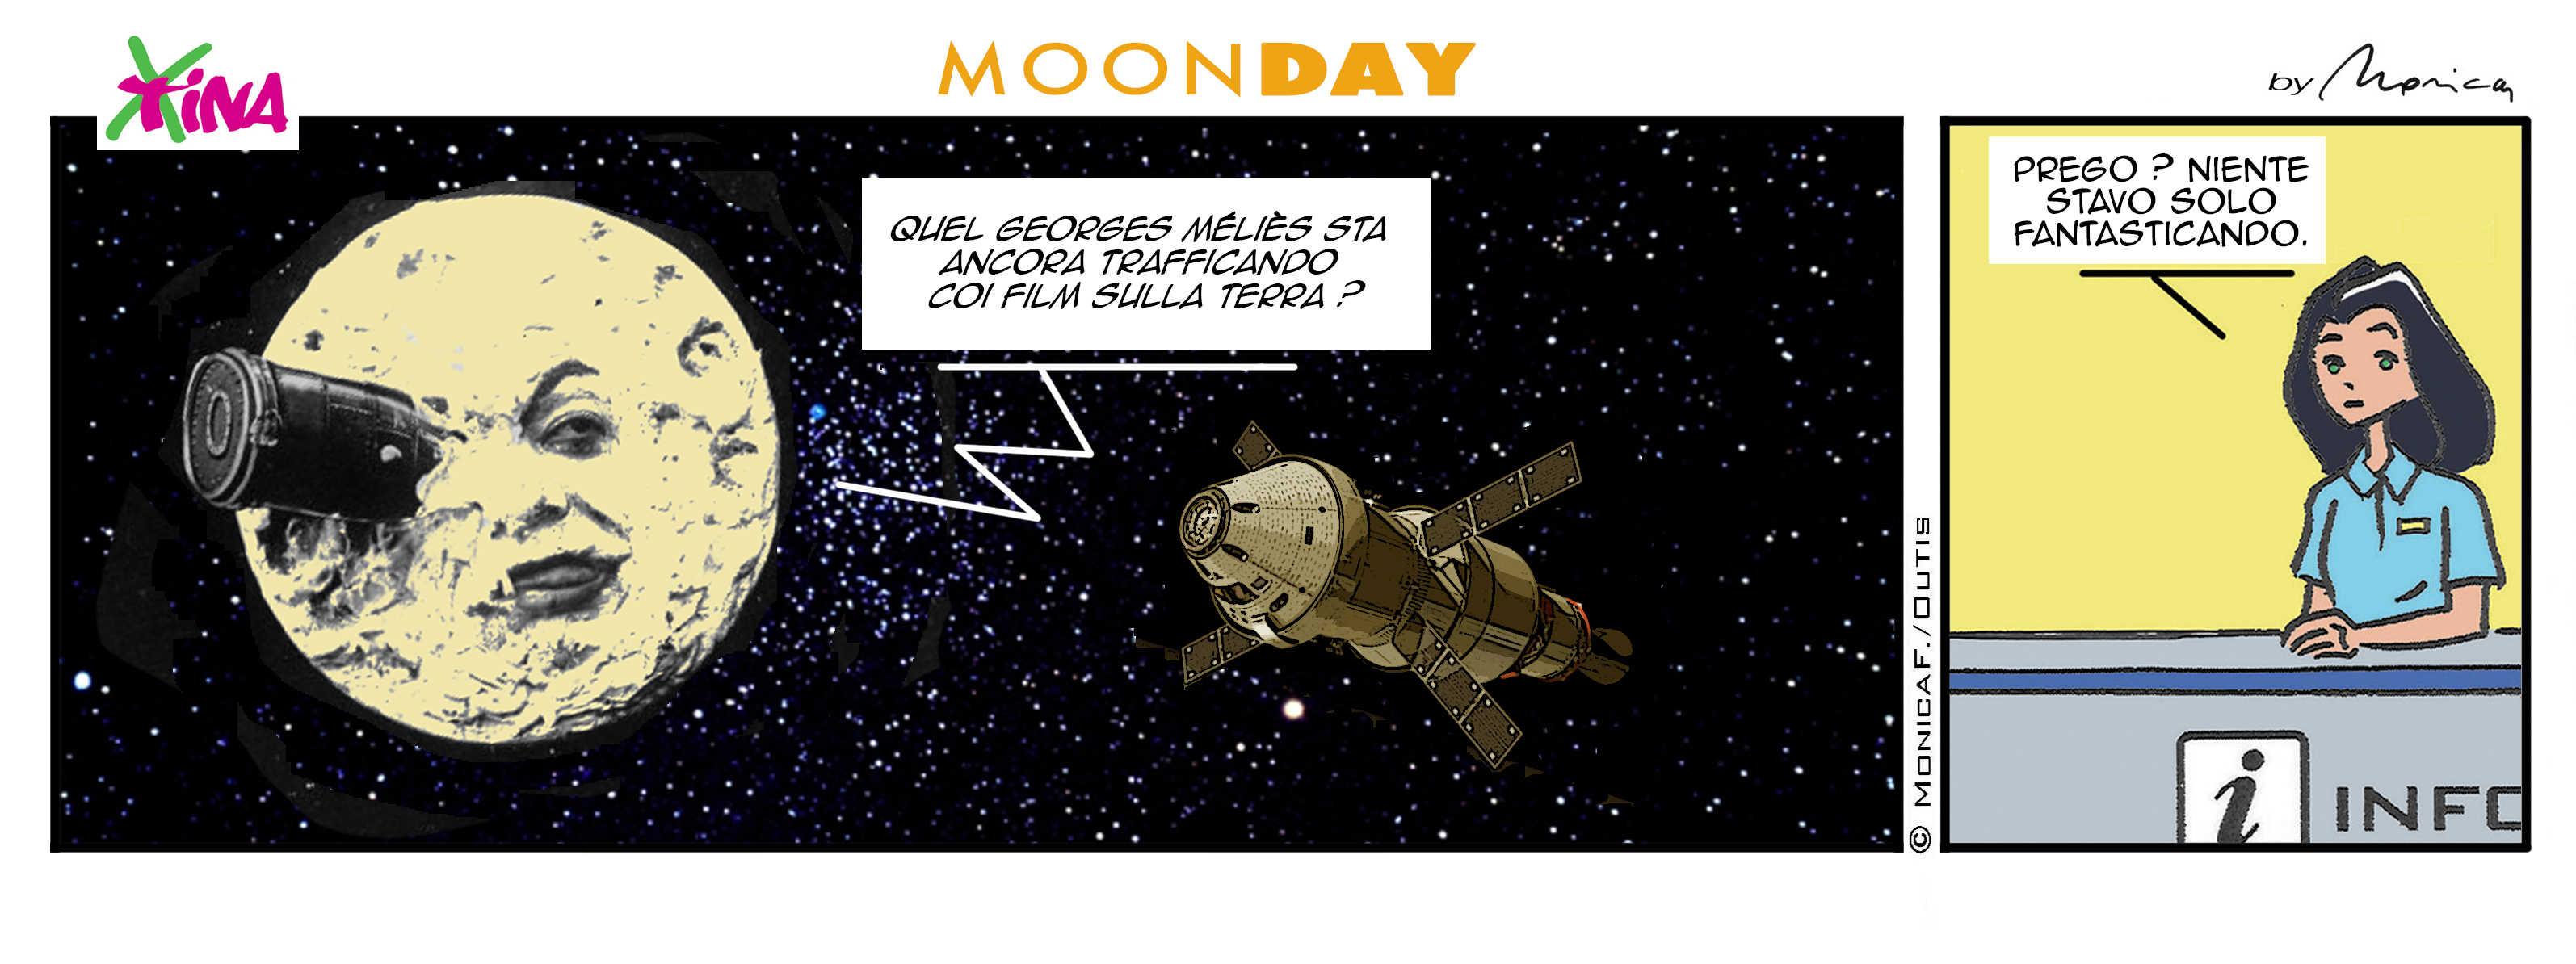 Xtina MoonDay comic strip